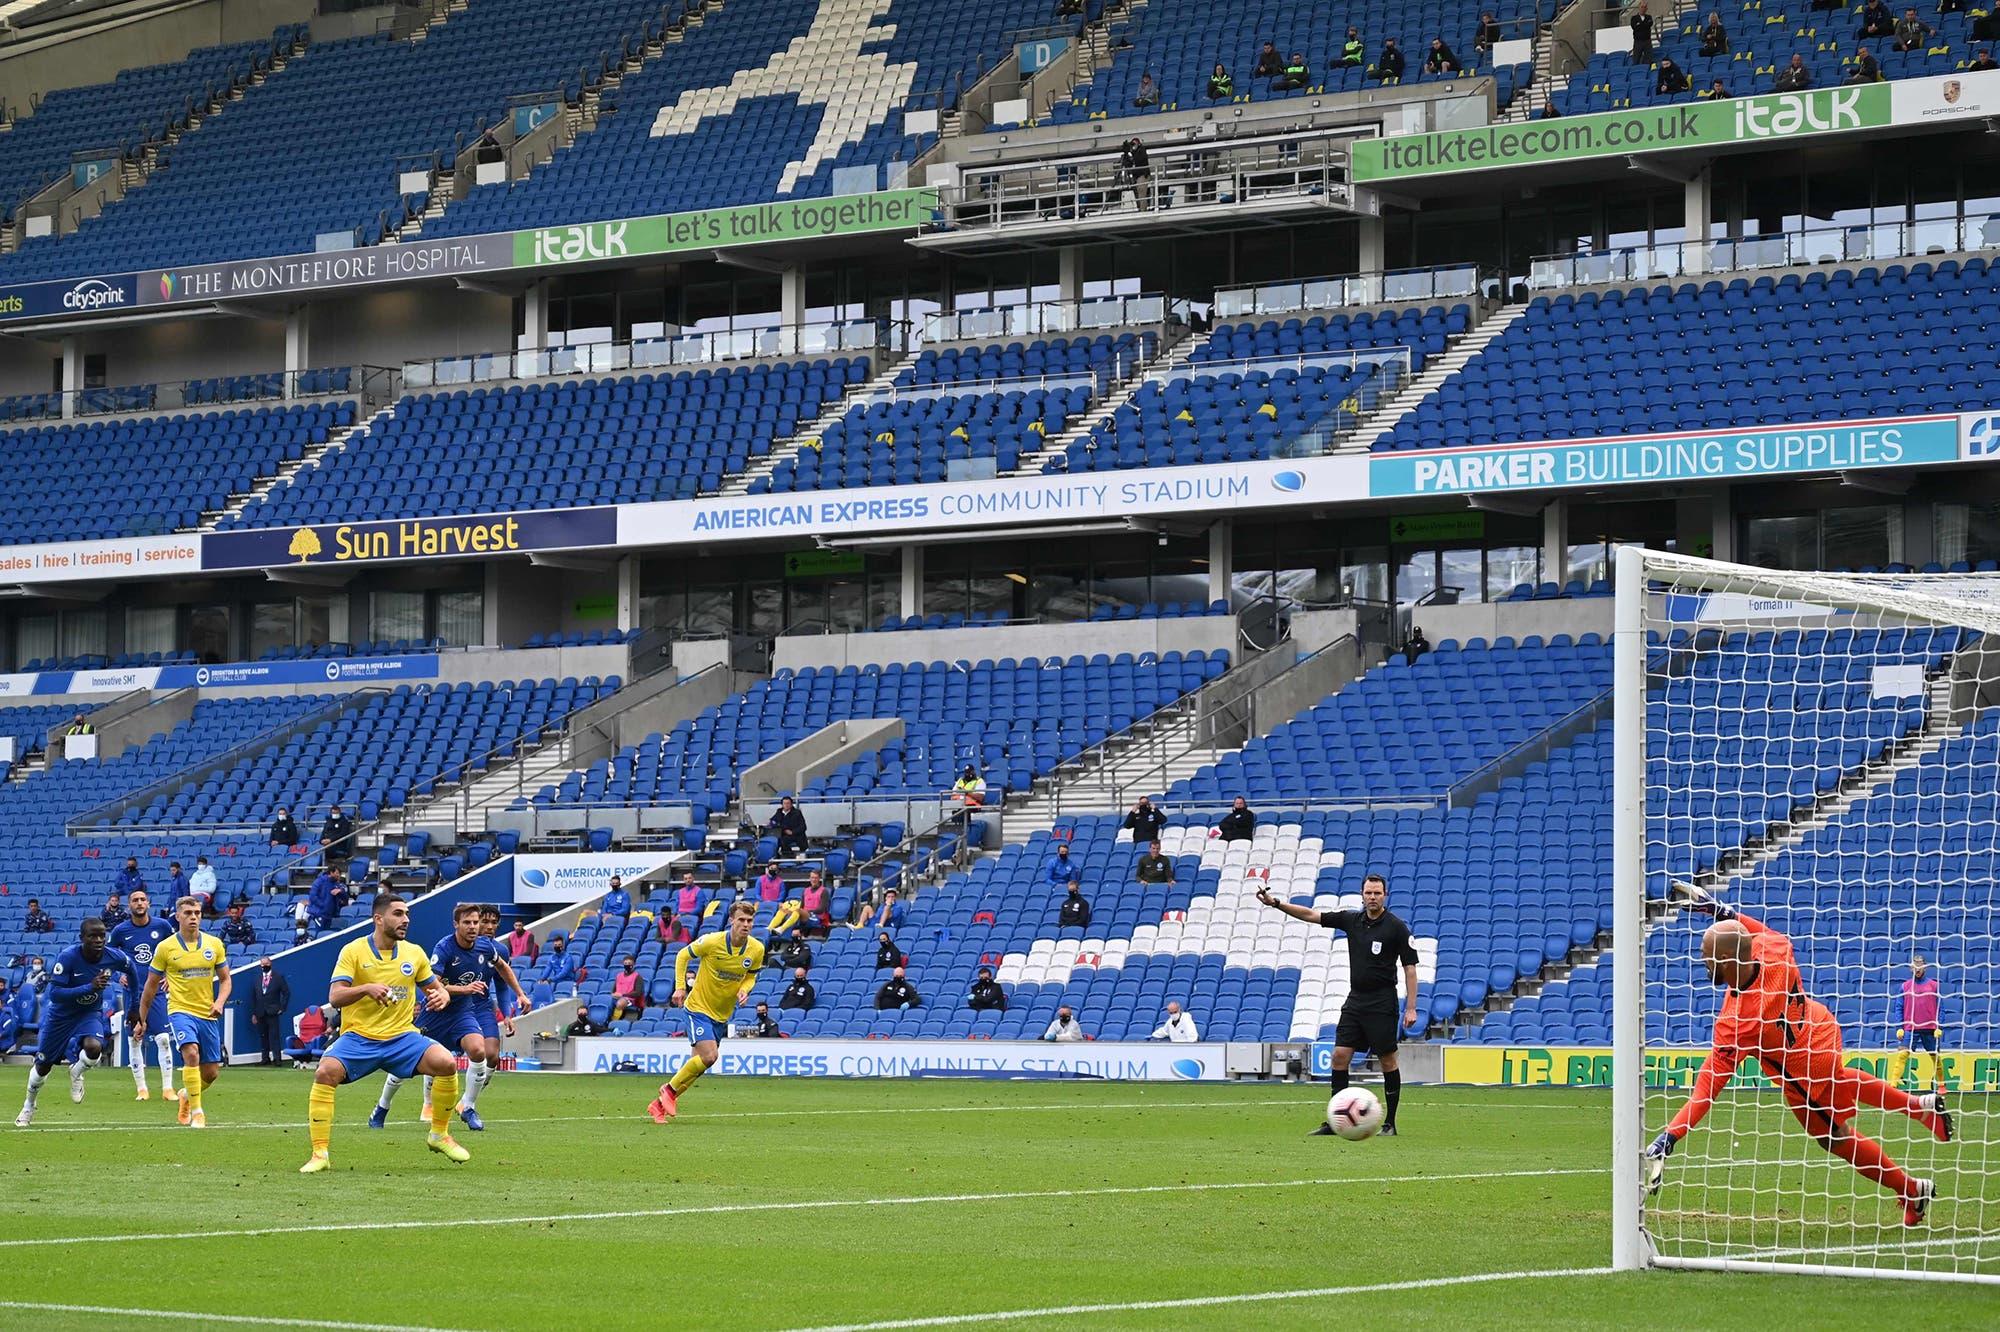 Una prueba en Brighton: volvieron los espectadores a las tribunas del fútbol inglés